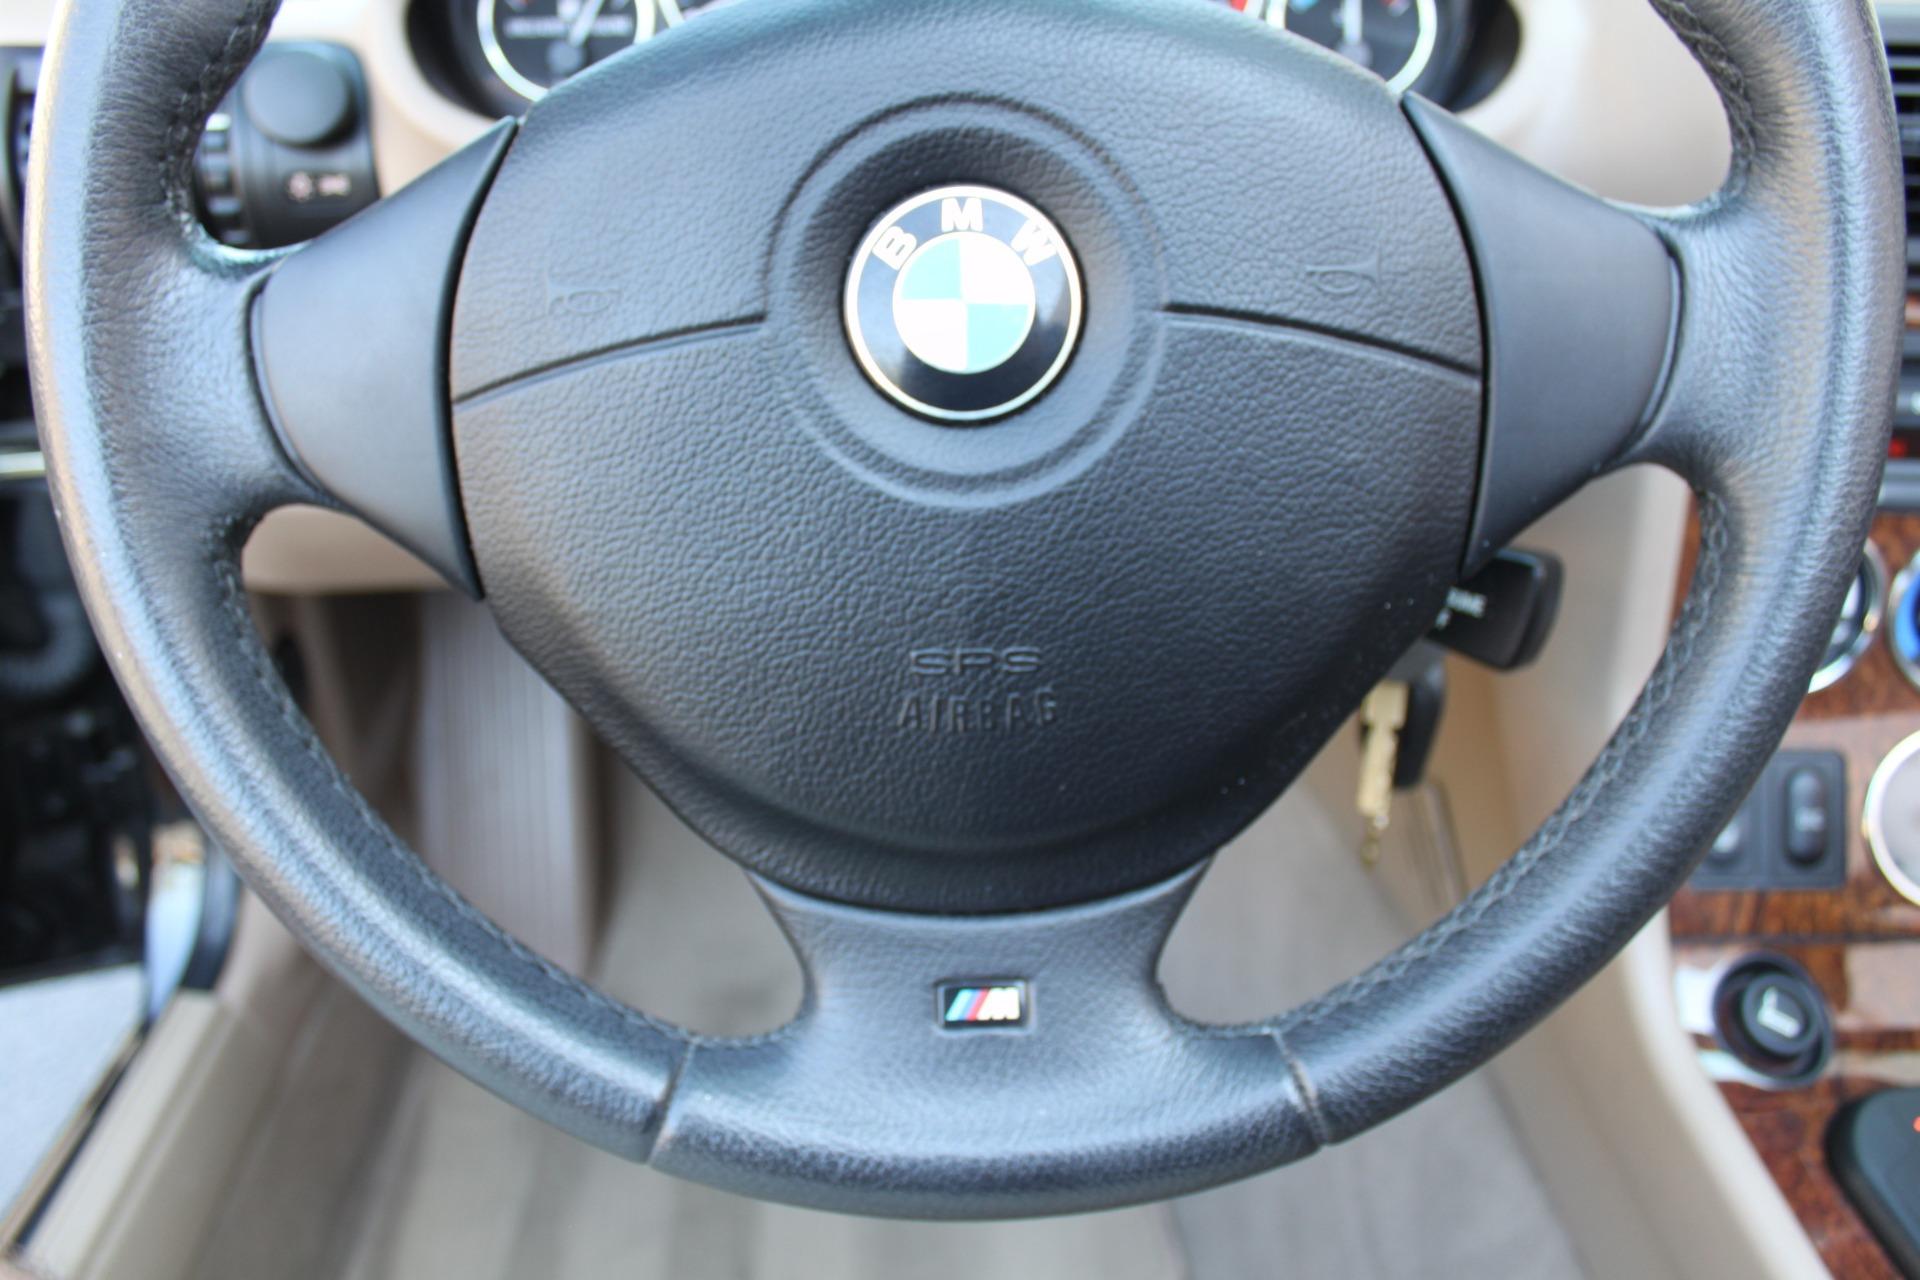 Used-2001-BMW-Z3-Roadster-30i-Porsche